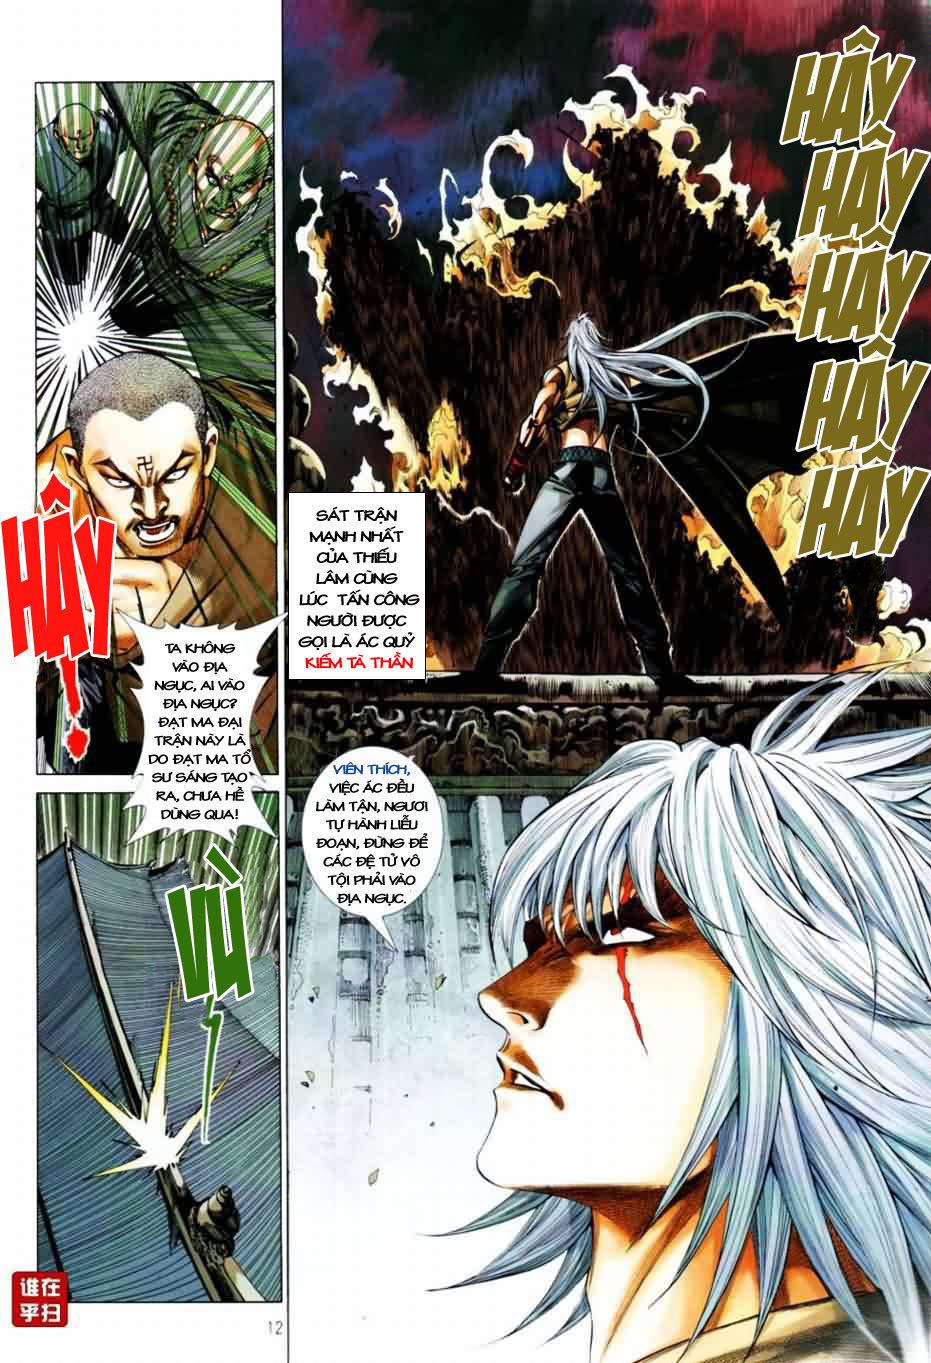 Thiên Hạ Vô Địch Kiếm Tà Thần chap 1 trang 11